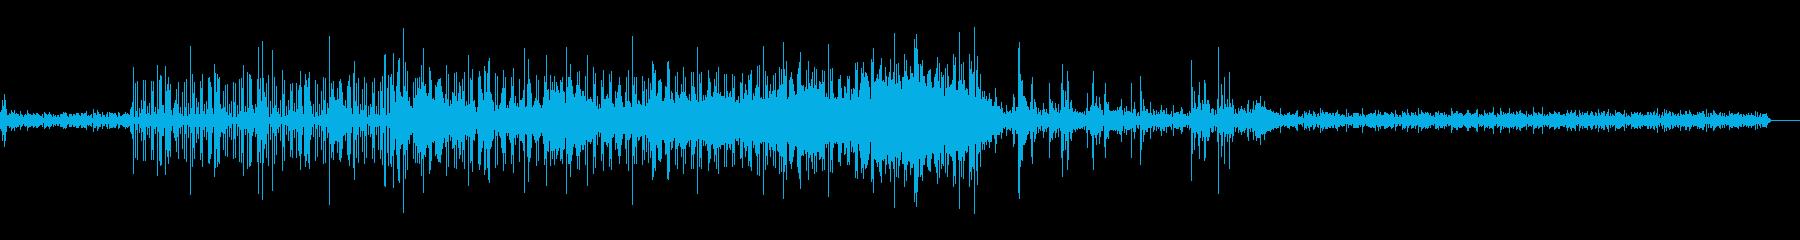 こだわりアンダーグラウンドなtechnoの再生済みの波形